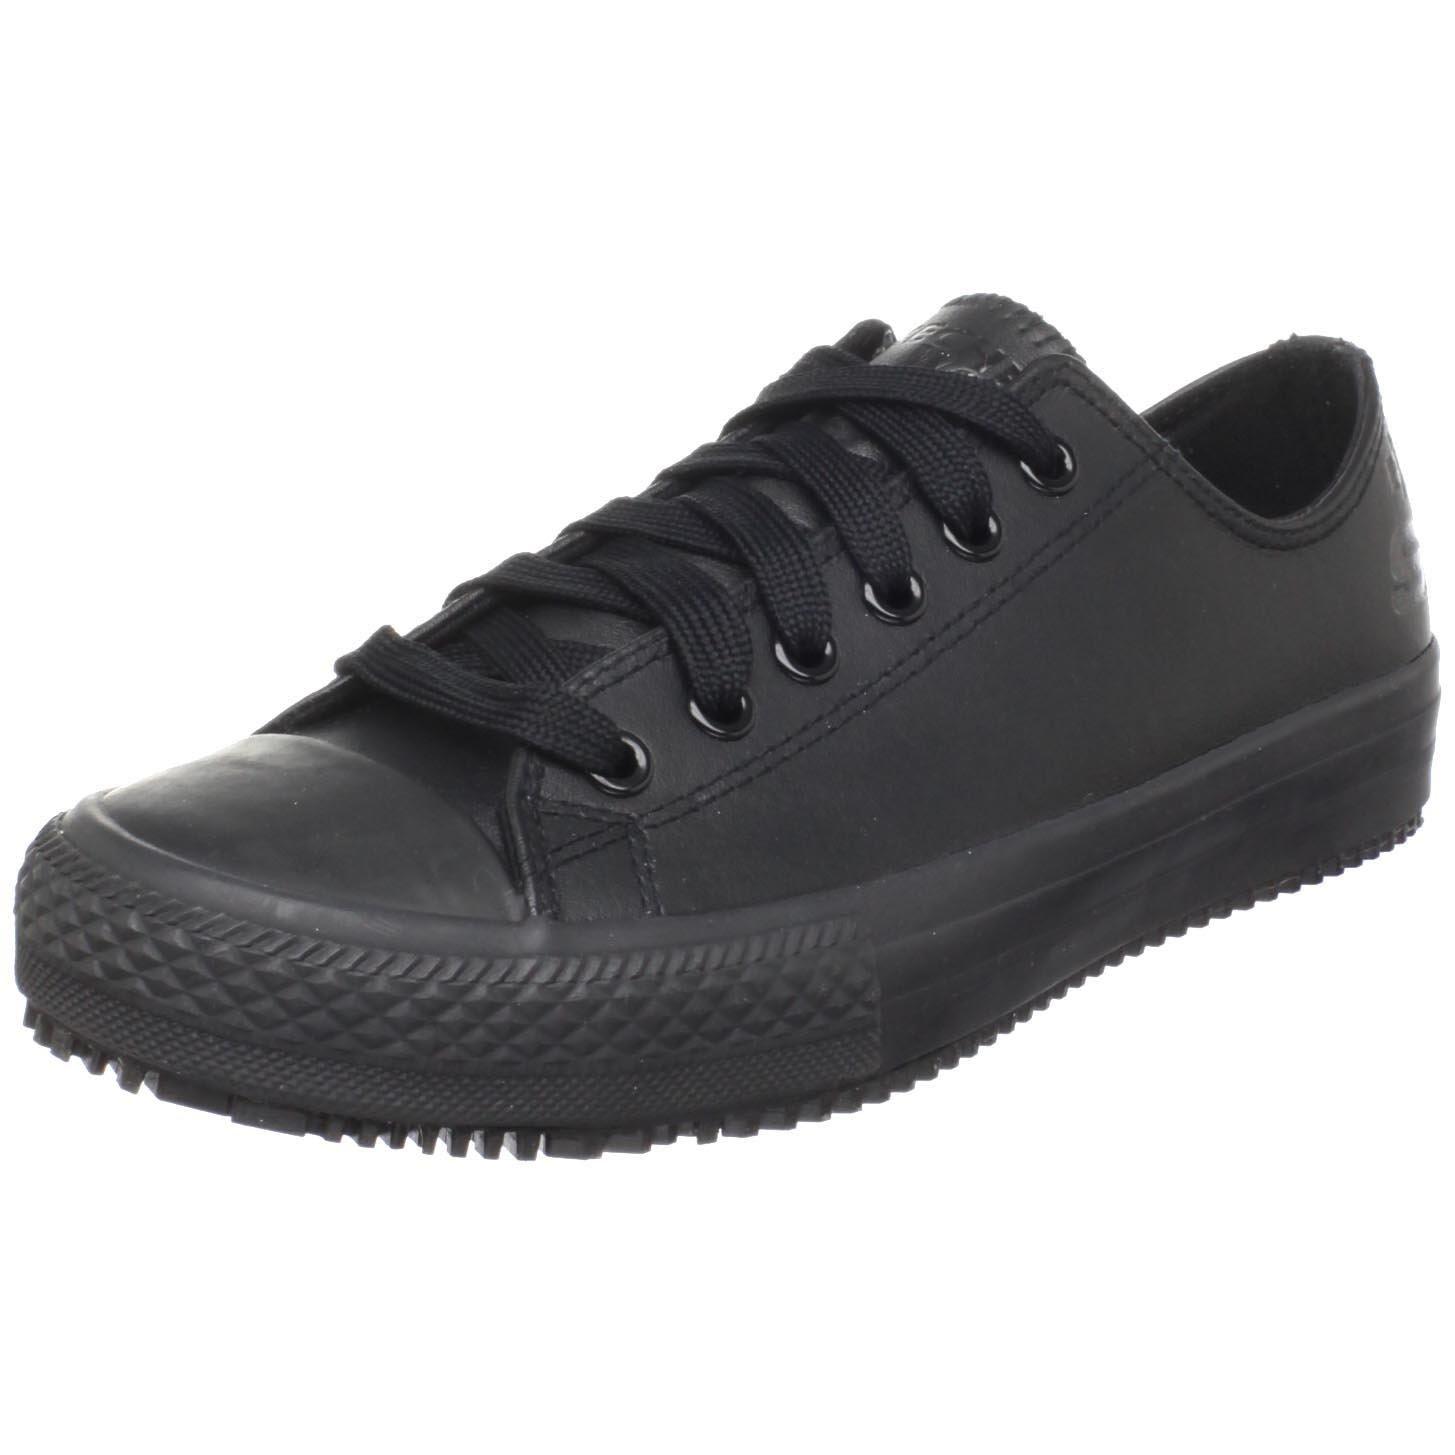 Skechers fAtilde;frac14;r Arbeit 76.453 Gibson-Hartholz Rutschhemmende Sneaker  36 EU|Black